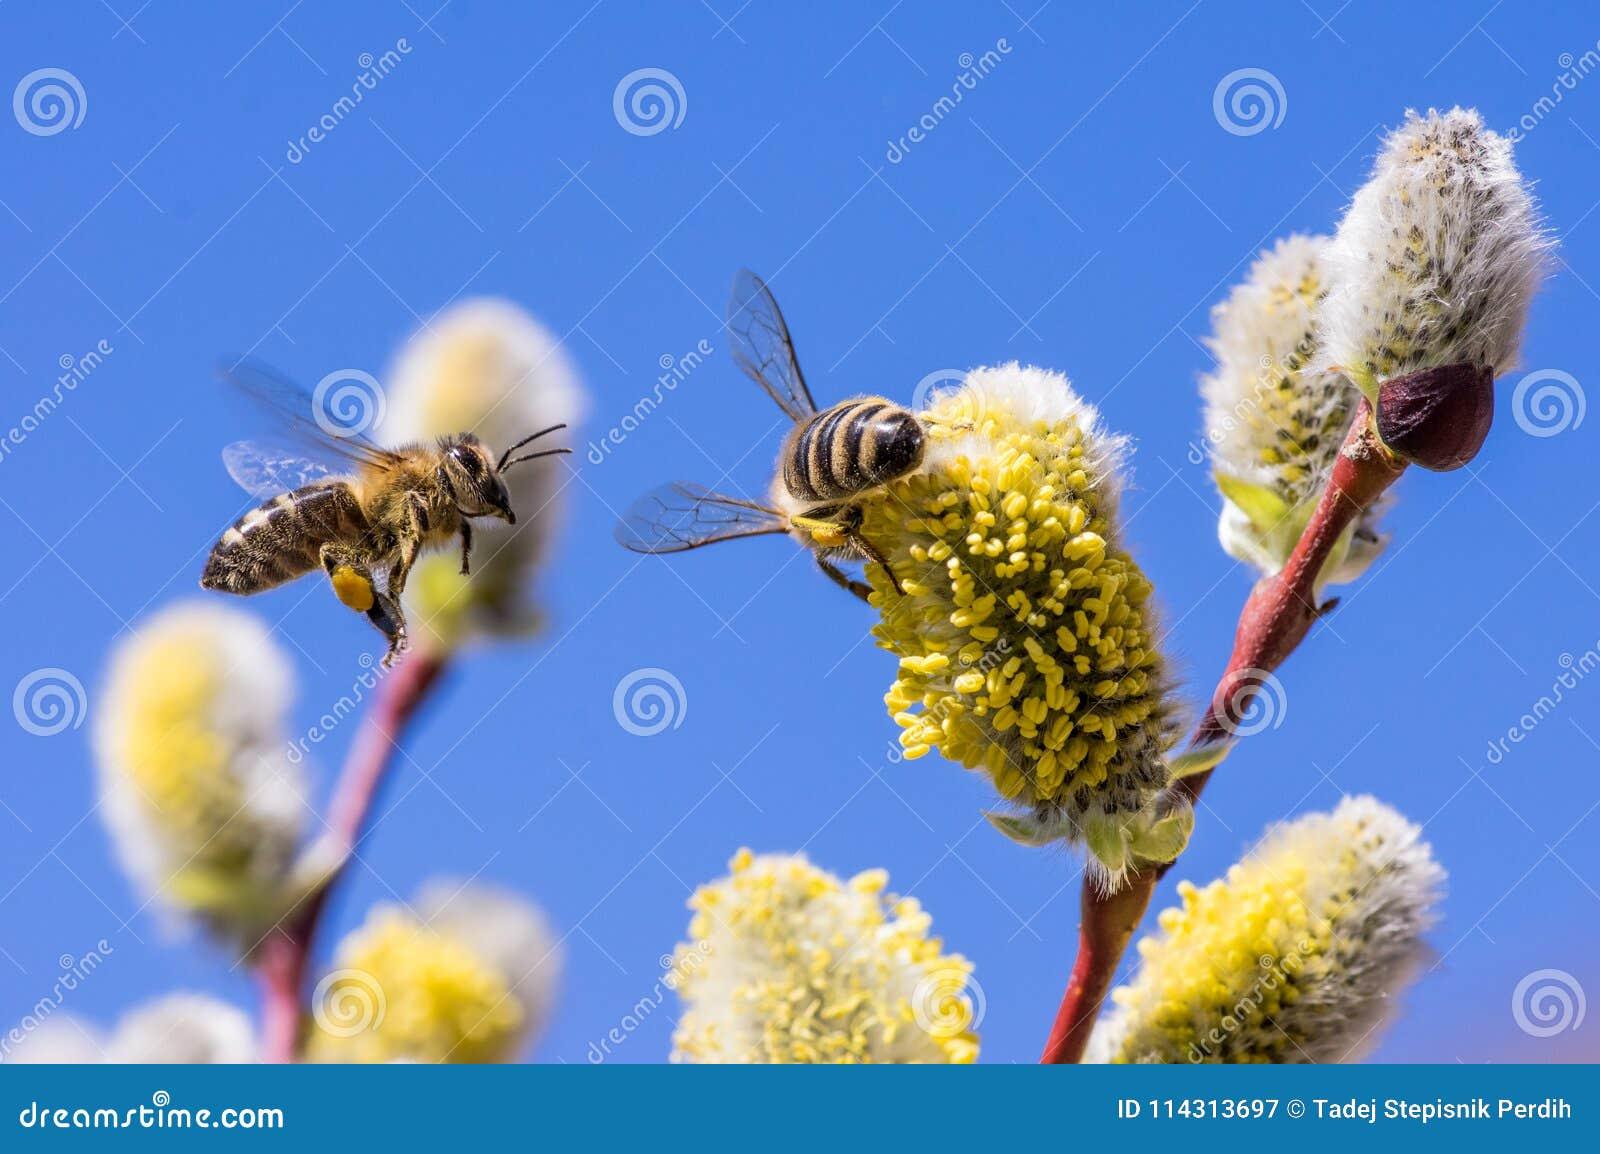 En närbild av ett bi i flykten som samlar nektar på en hänge av en pil